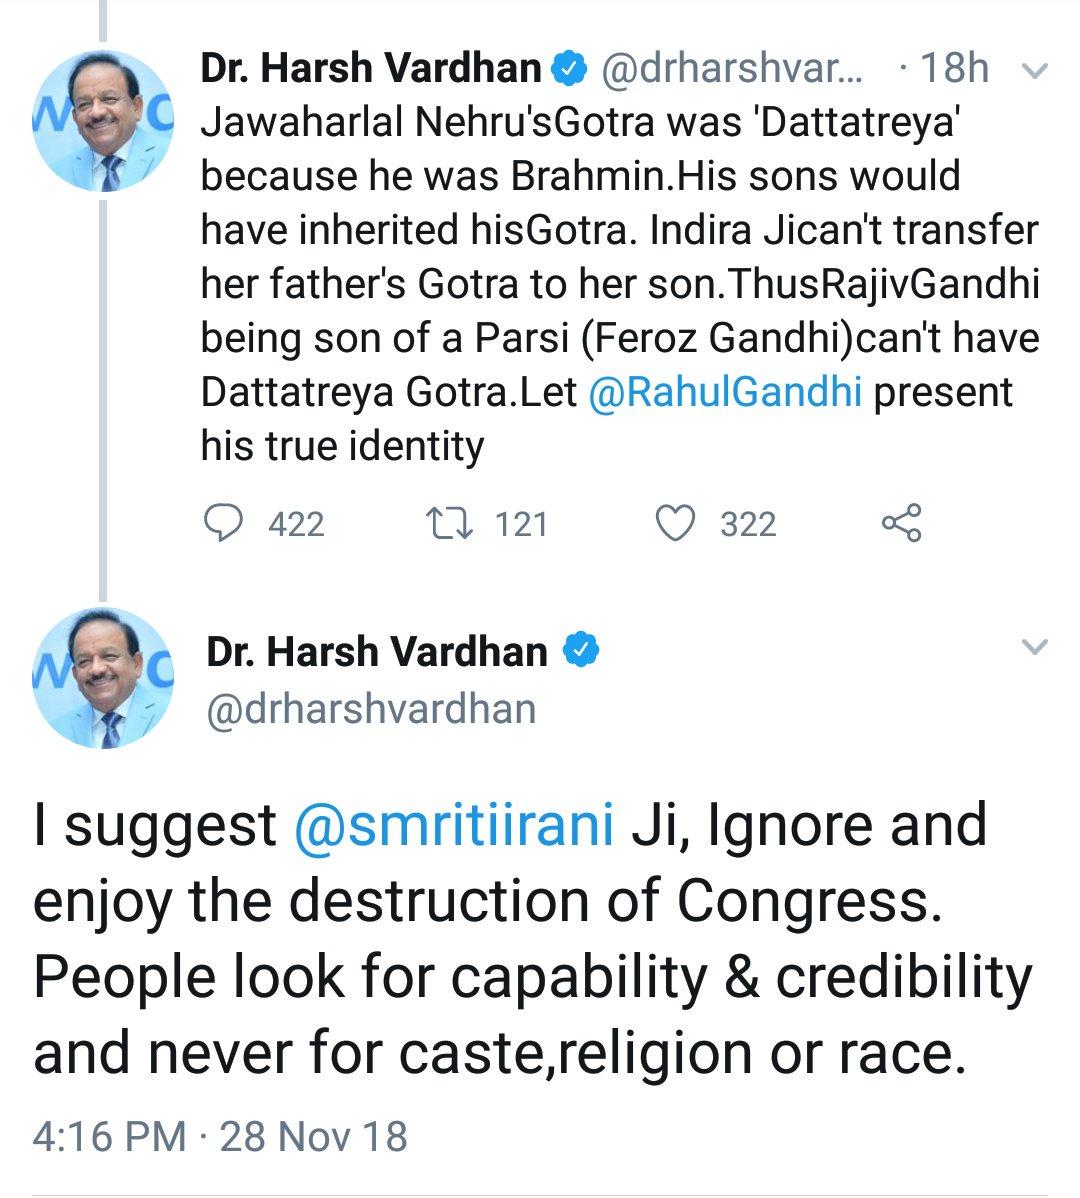 Ethirajan Srinivasan on Twitter: